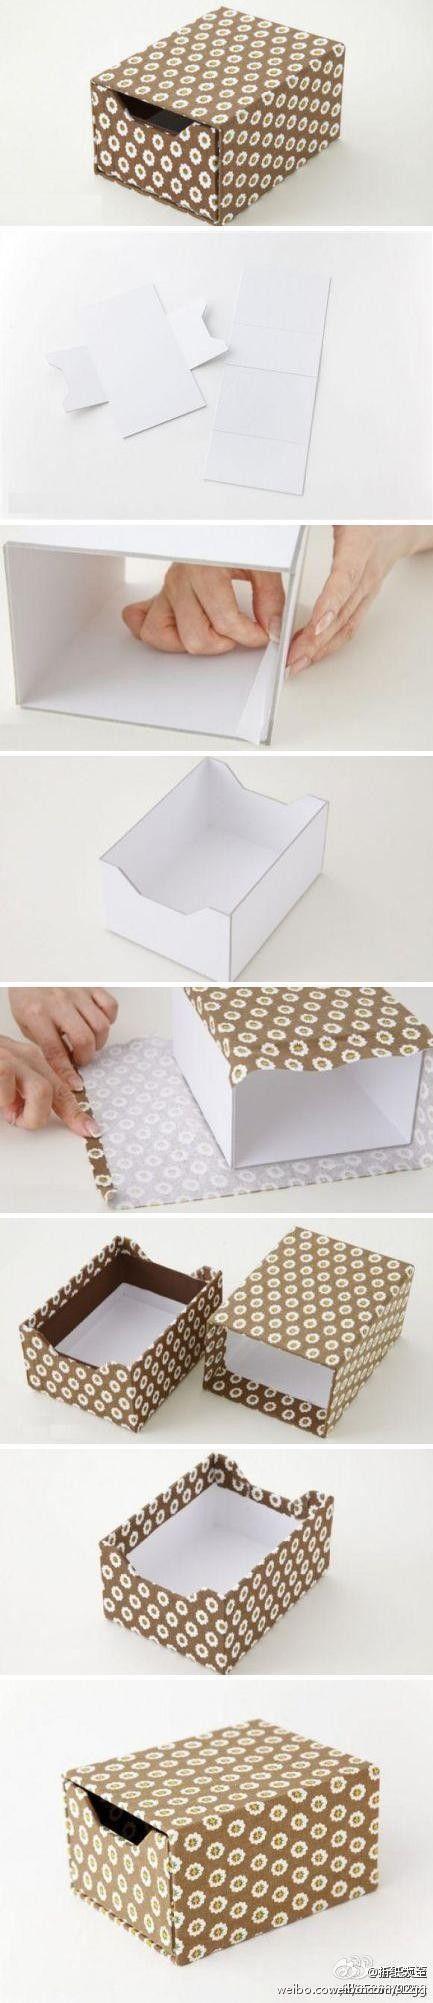 caja de Almacenamiento de Papel cortado